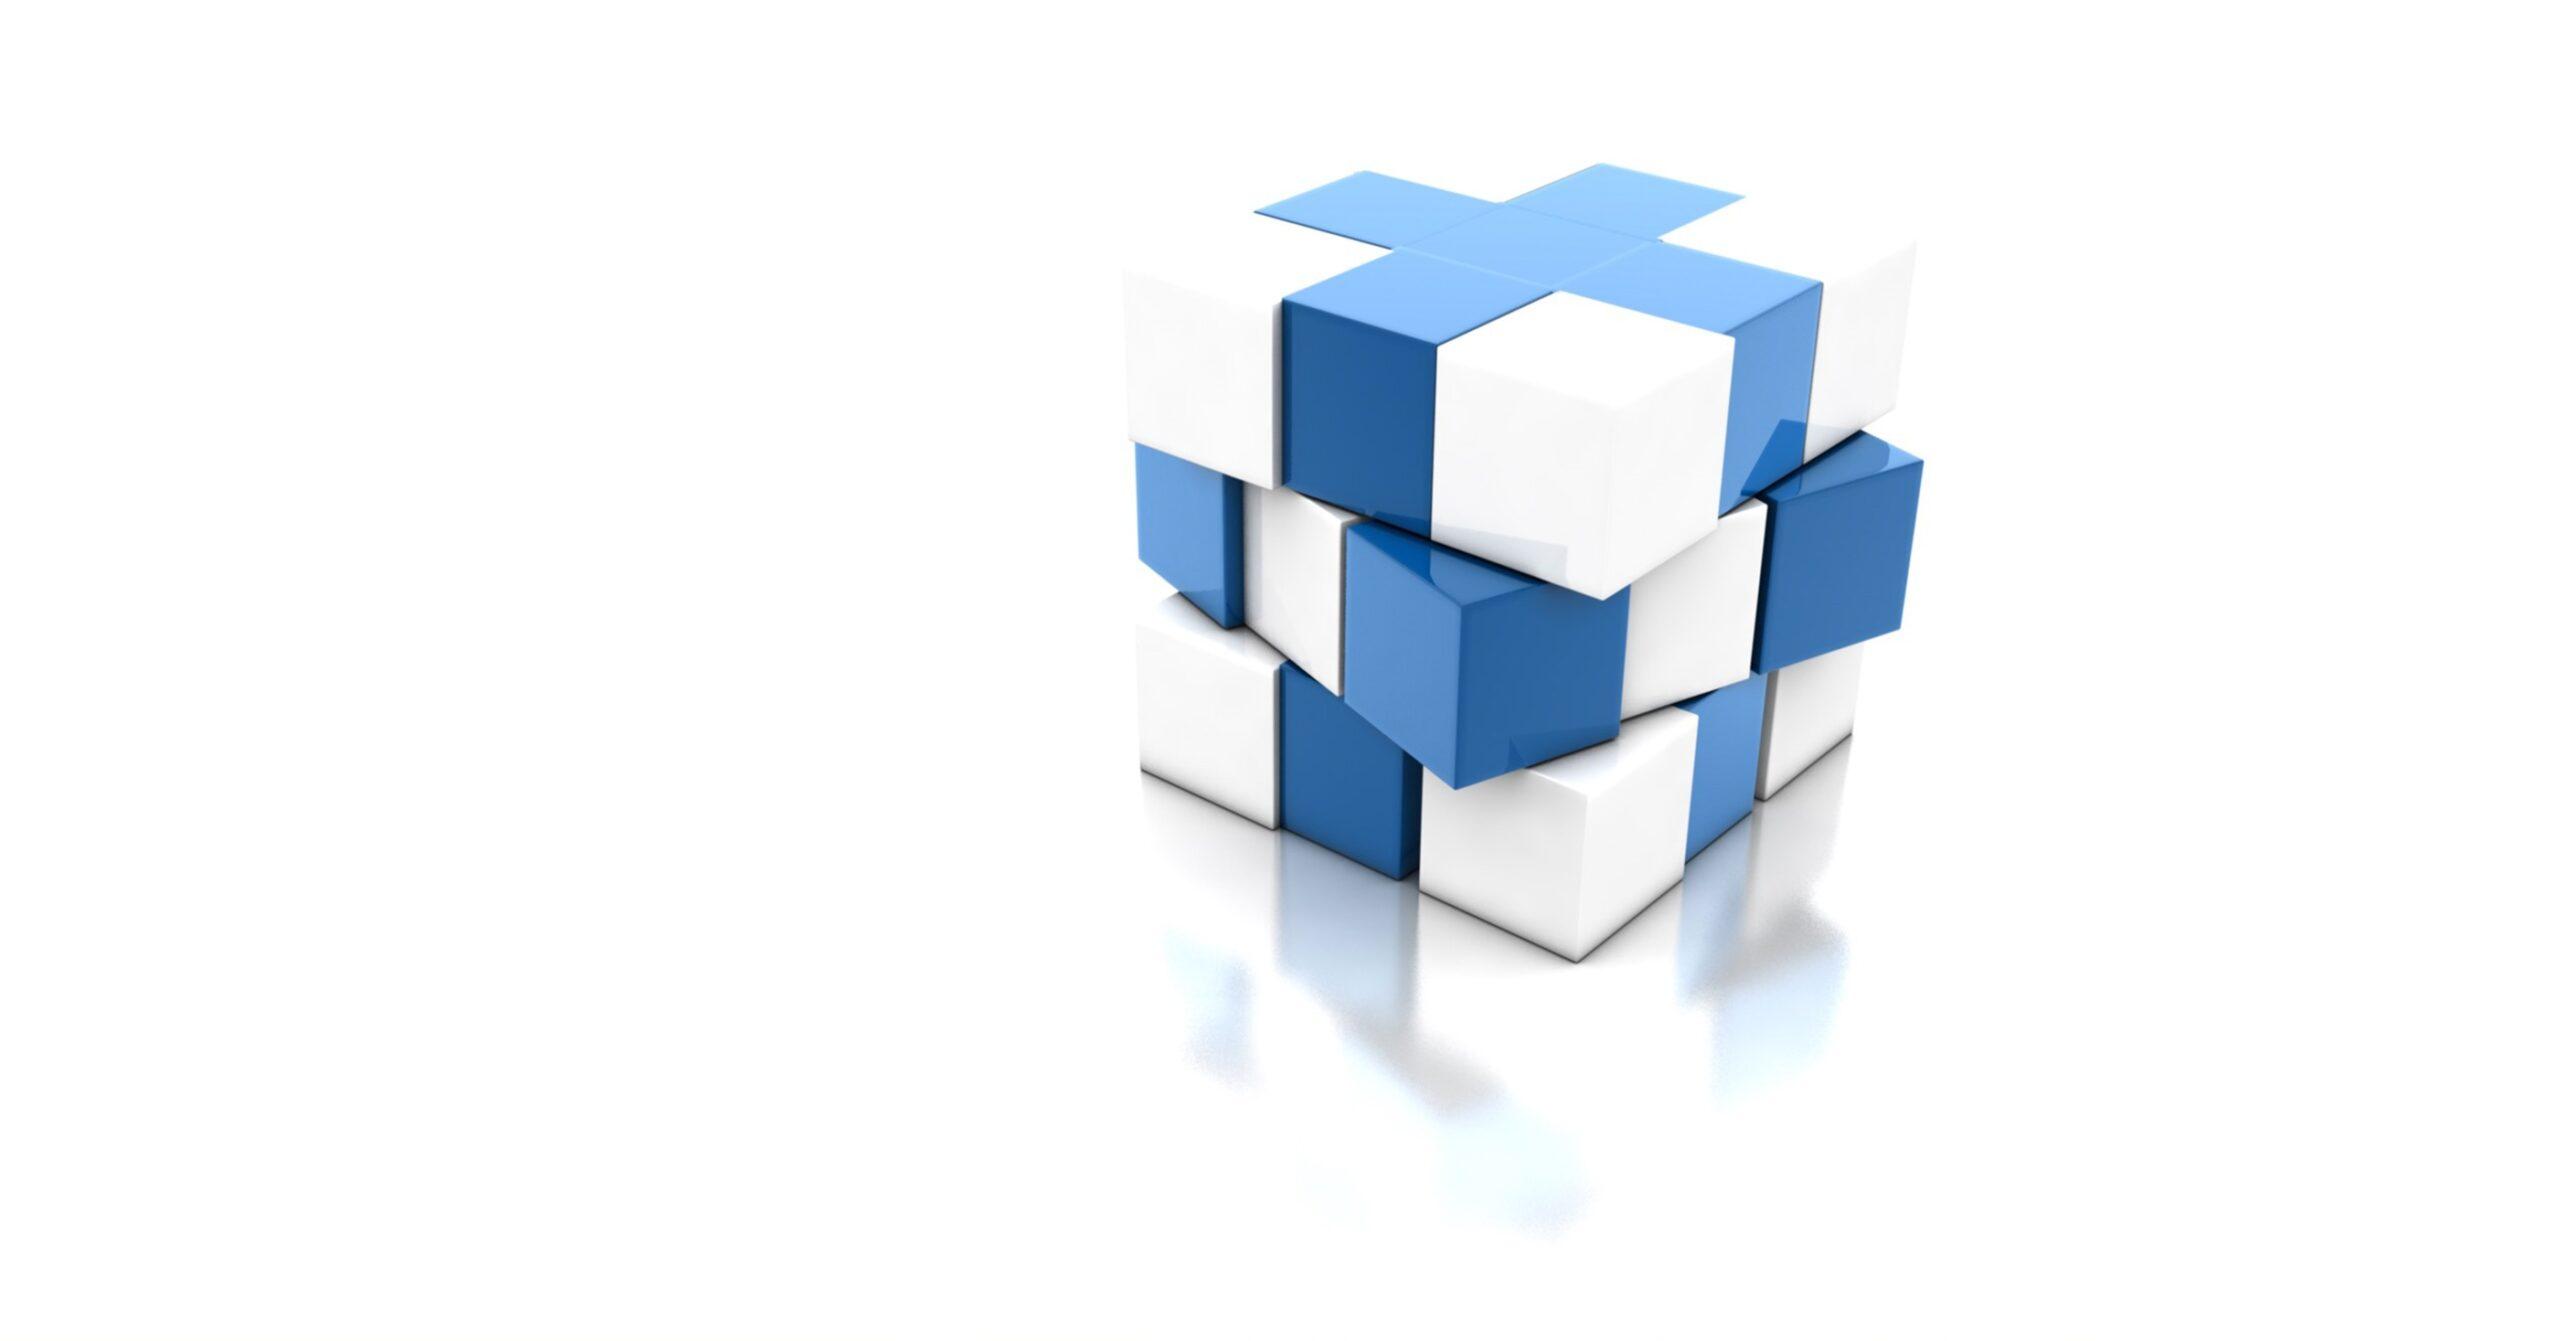 blue-2137089